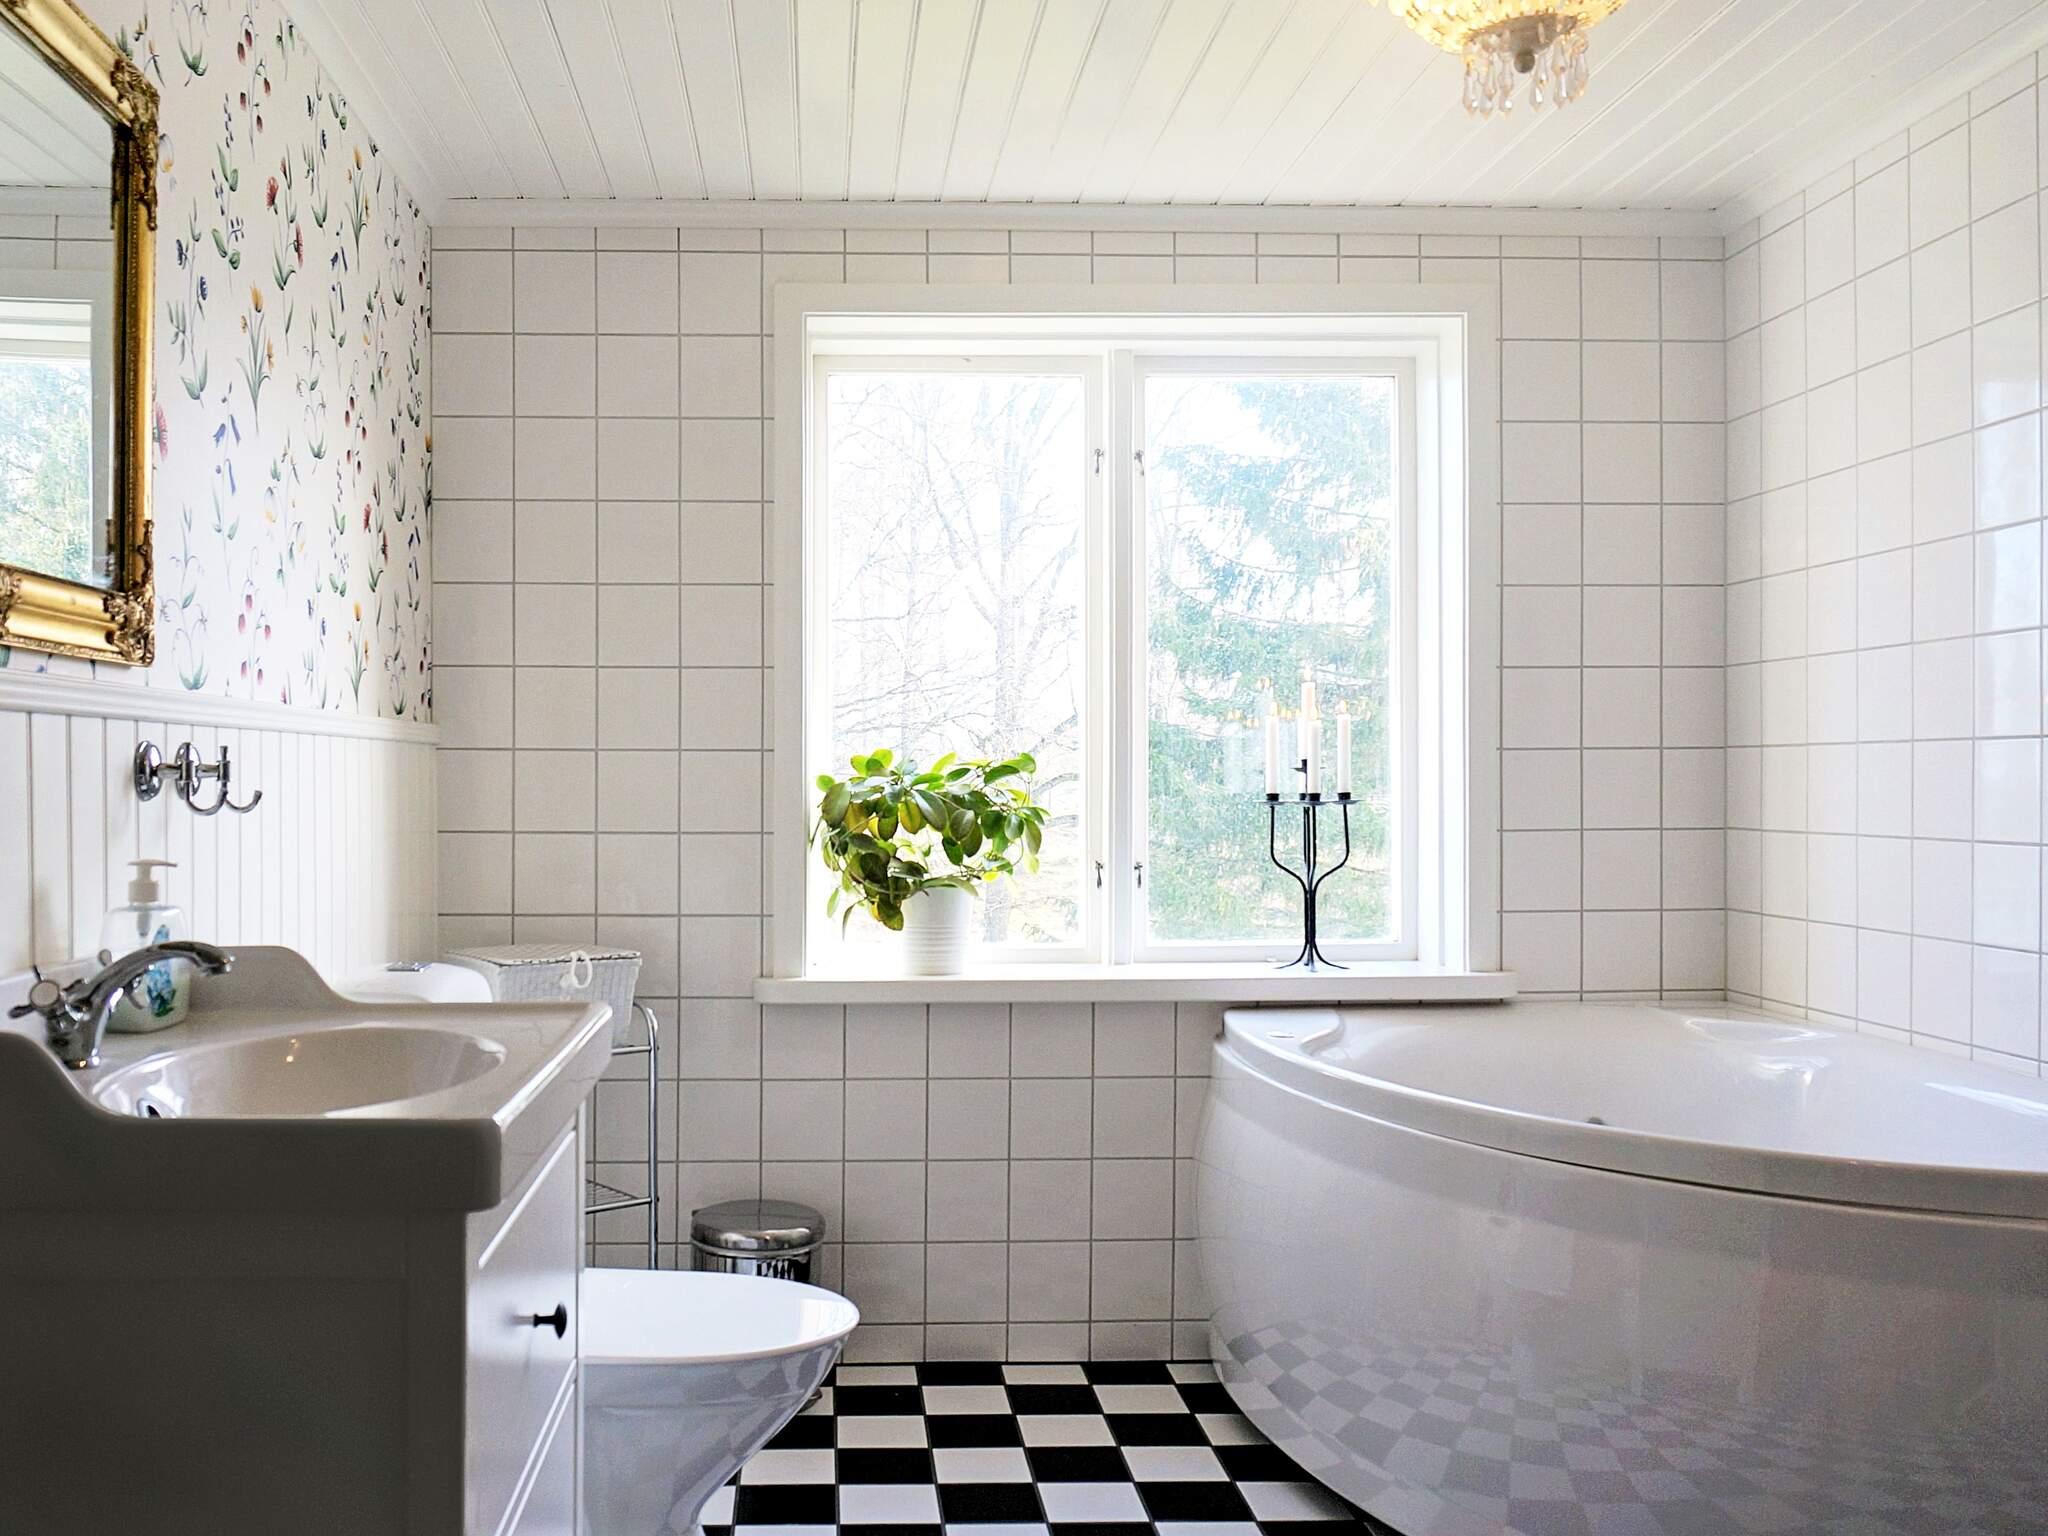 Ferienhaus Hova (432882), Hova, Västra Götaland län, Westschweden, Schweden, Bild 43